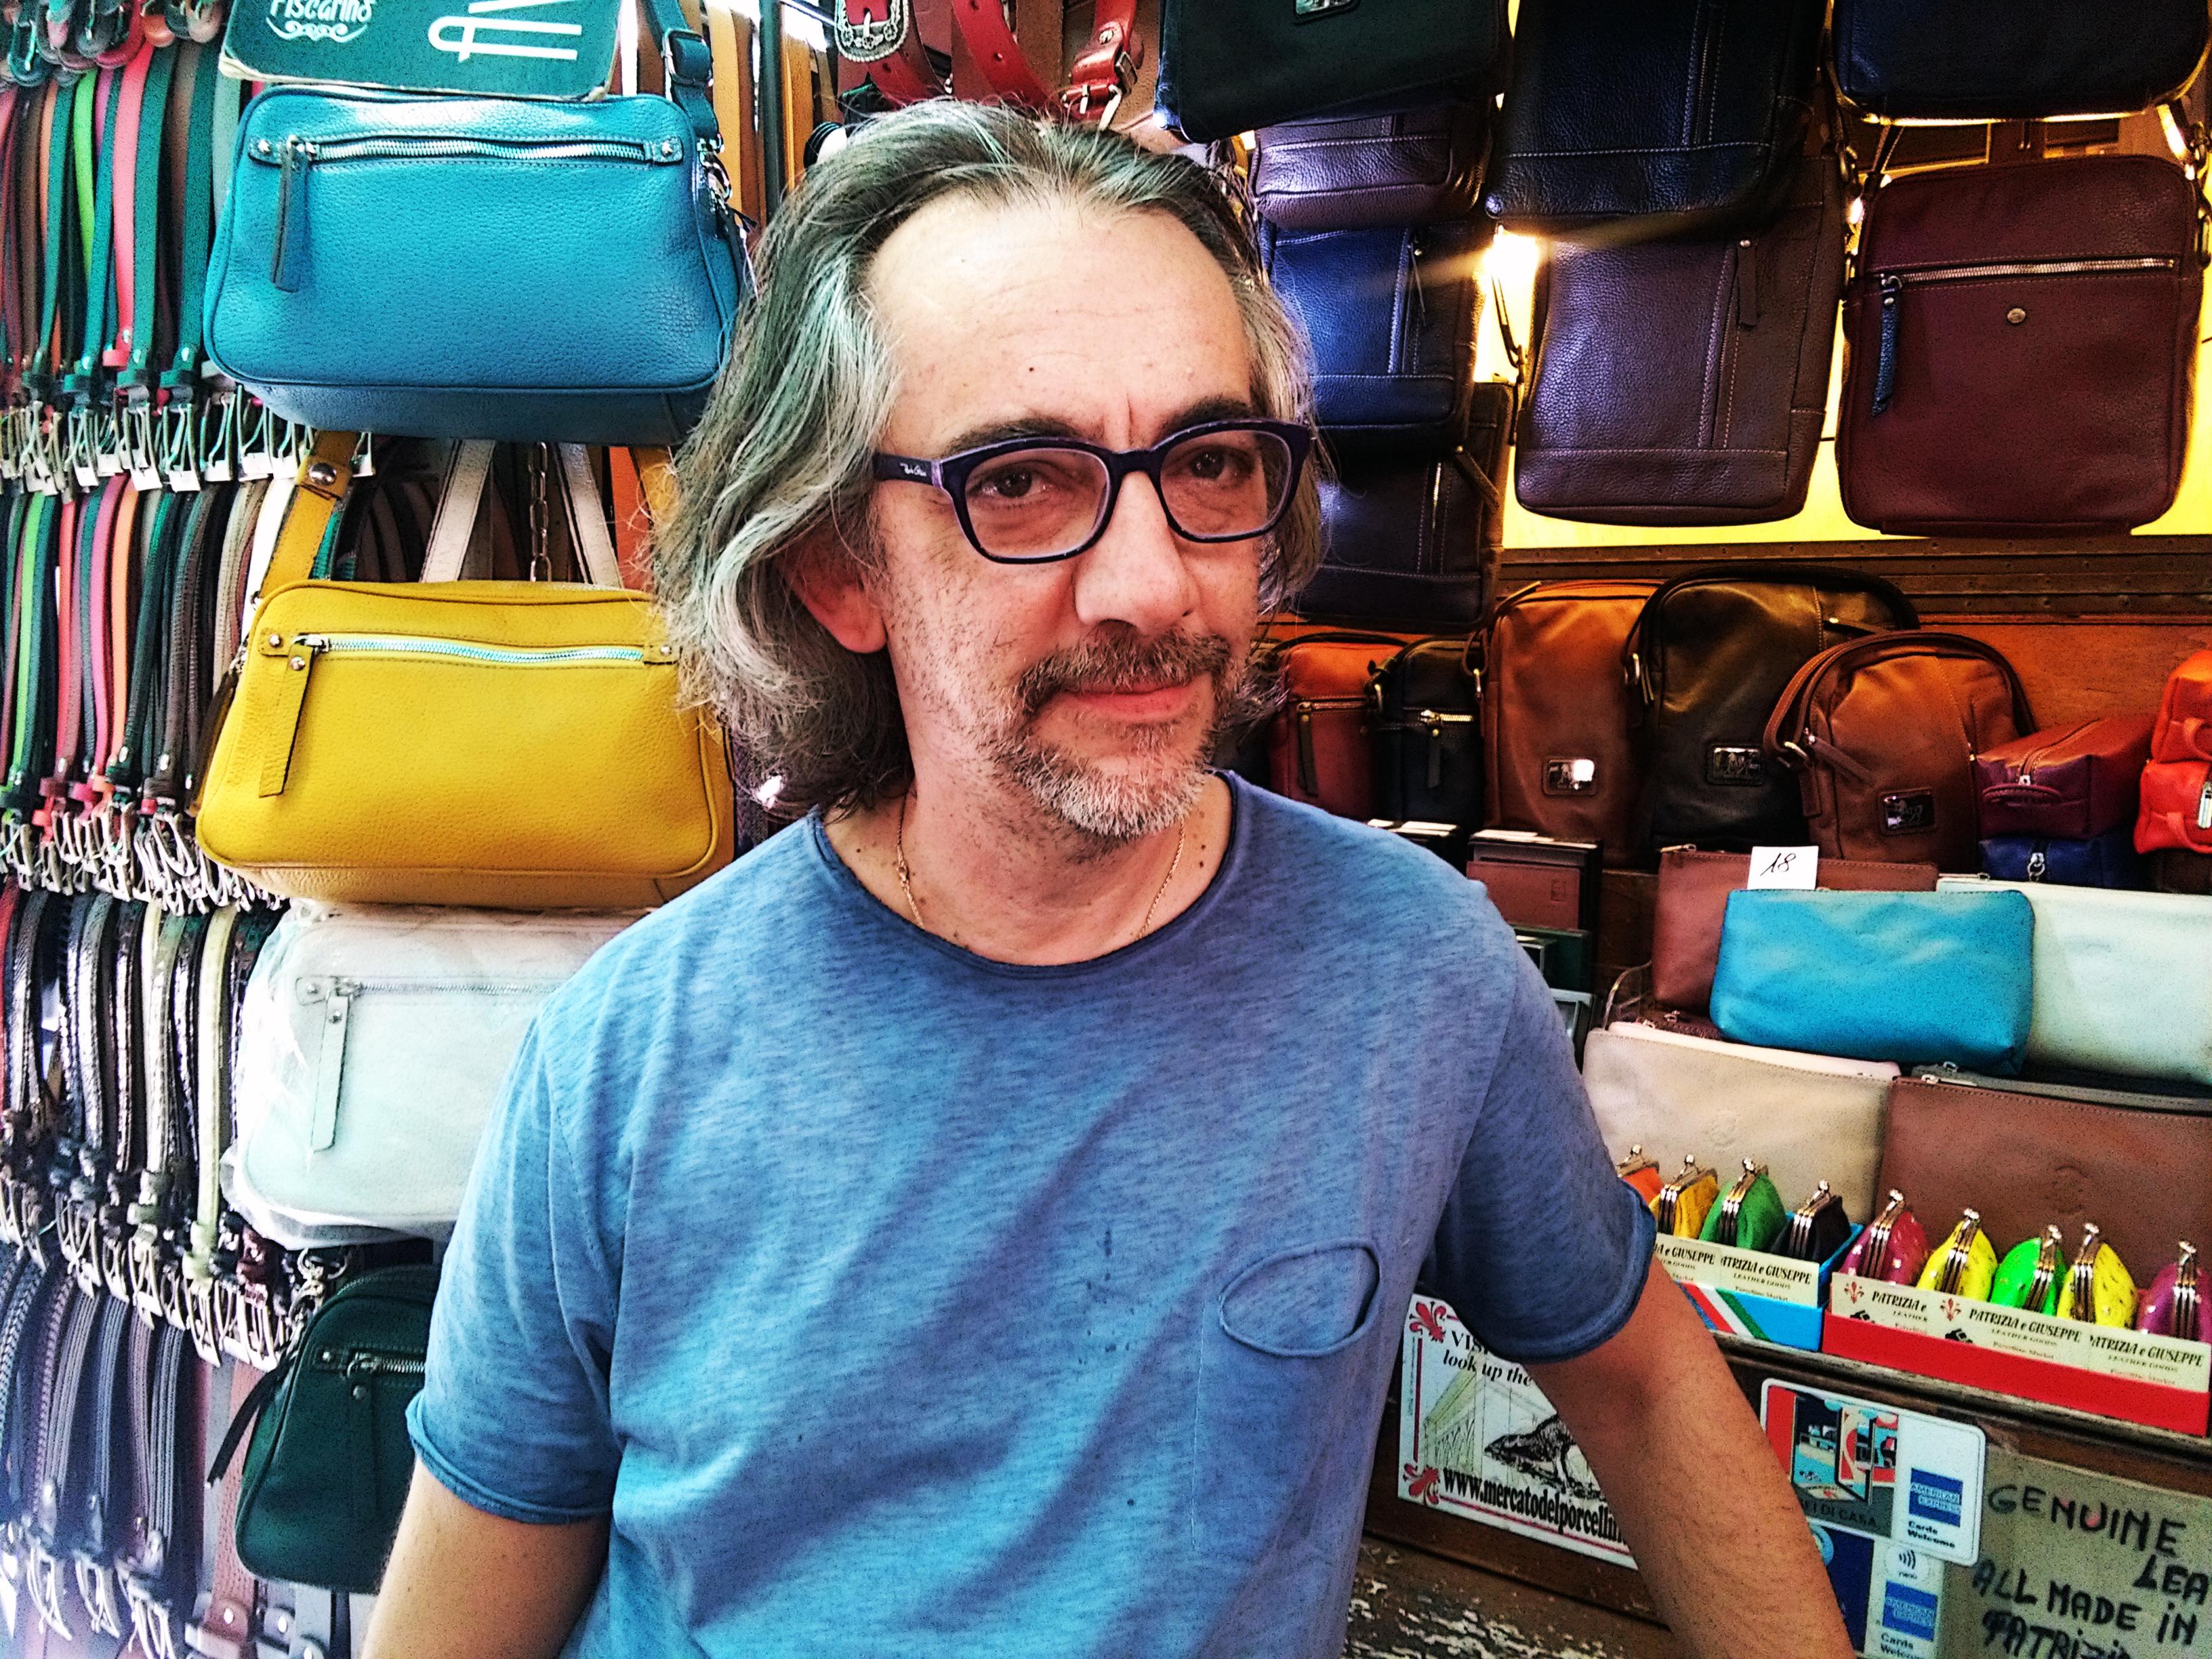 Mercato del Porcellino intervista Marcellino_ok